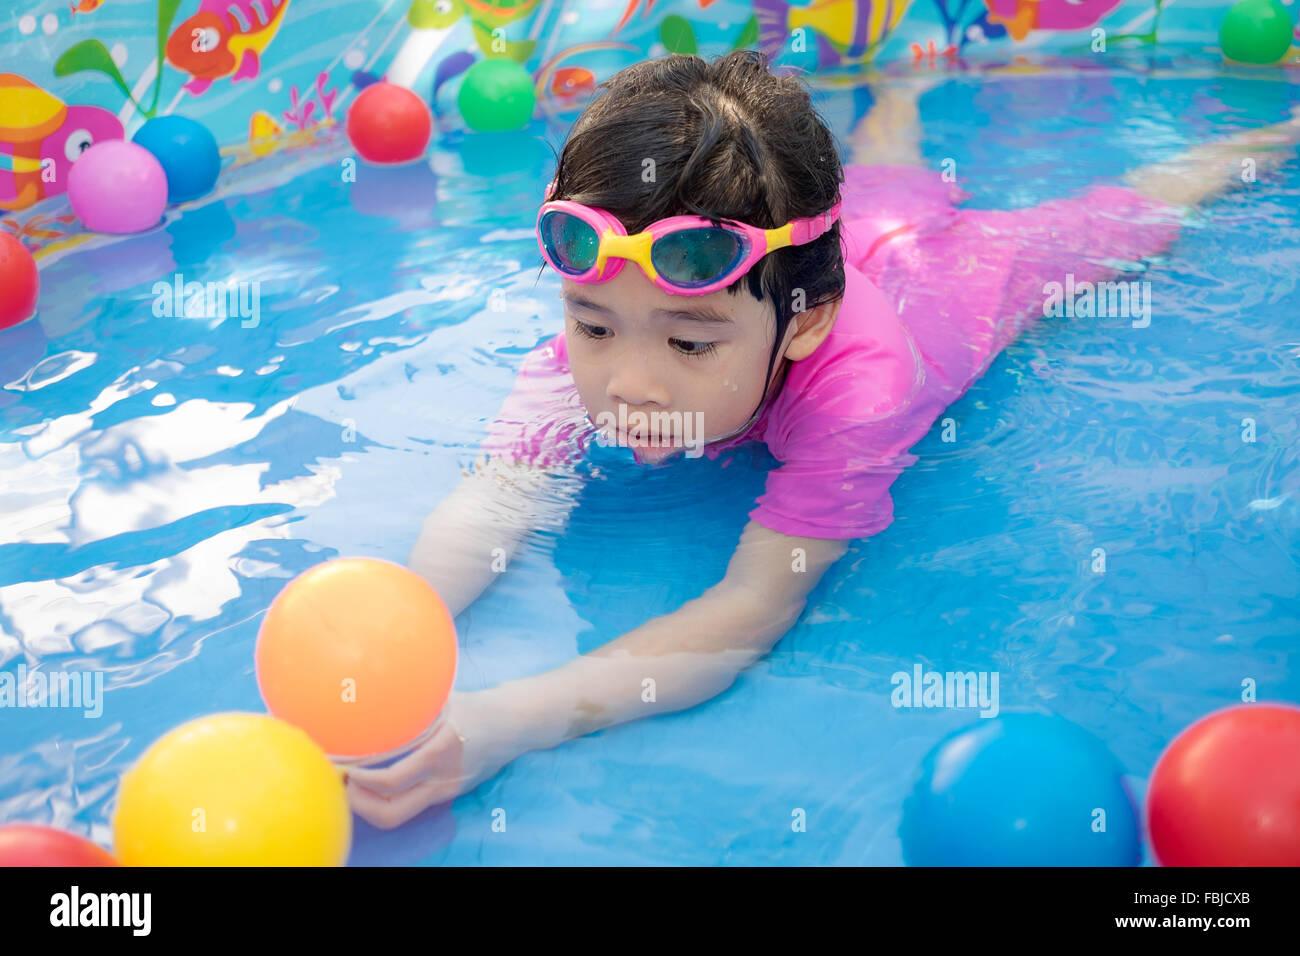 Una bambina in rosa tuta la riproduzione di acqua e sfere in blu la piscina per bambini Foto Stock